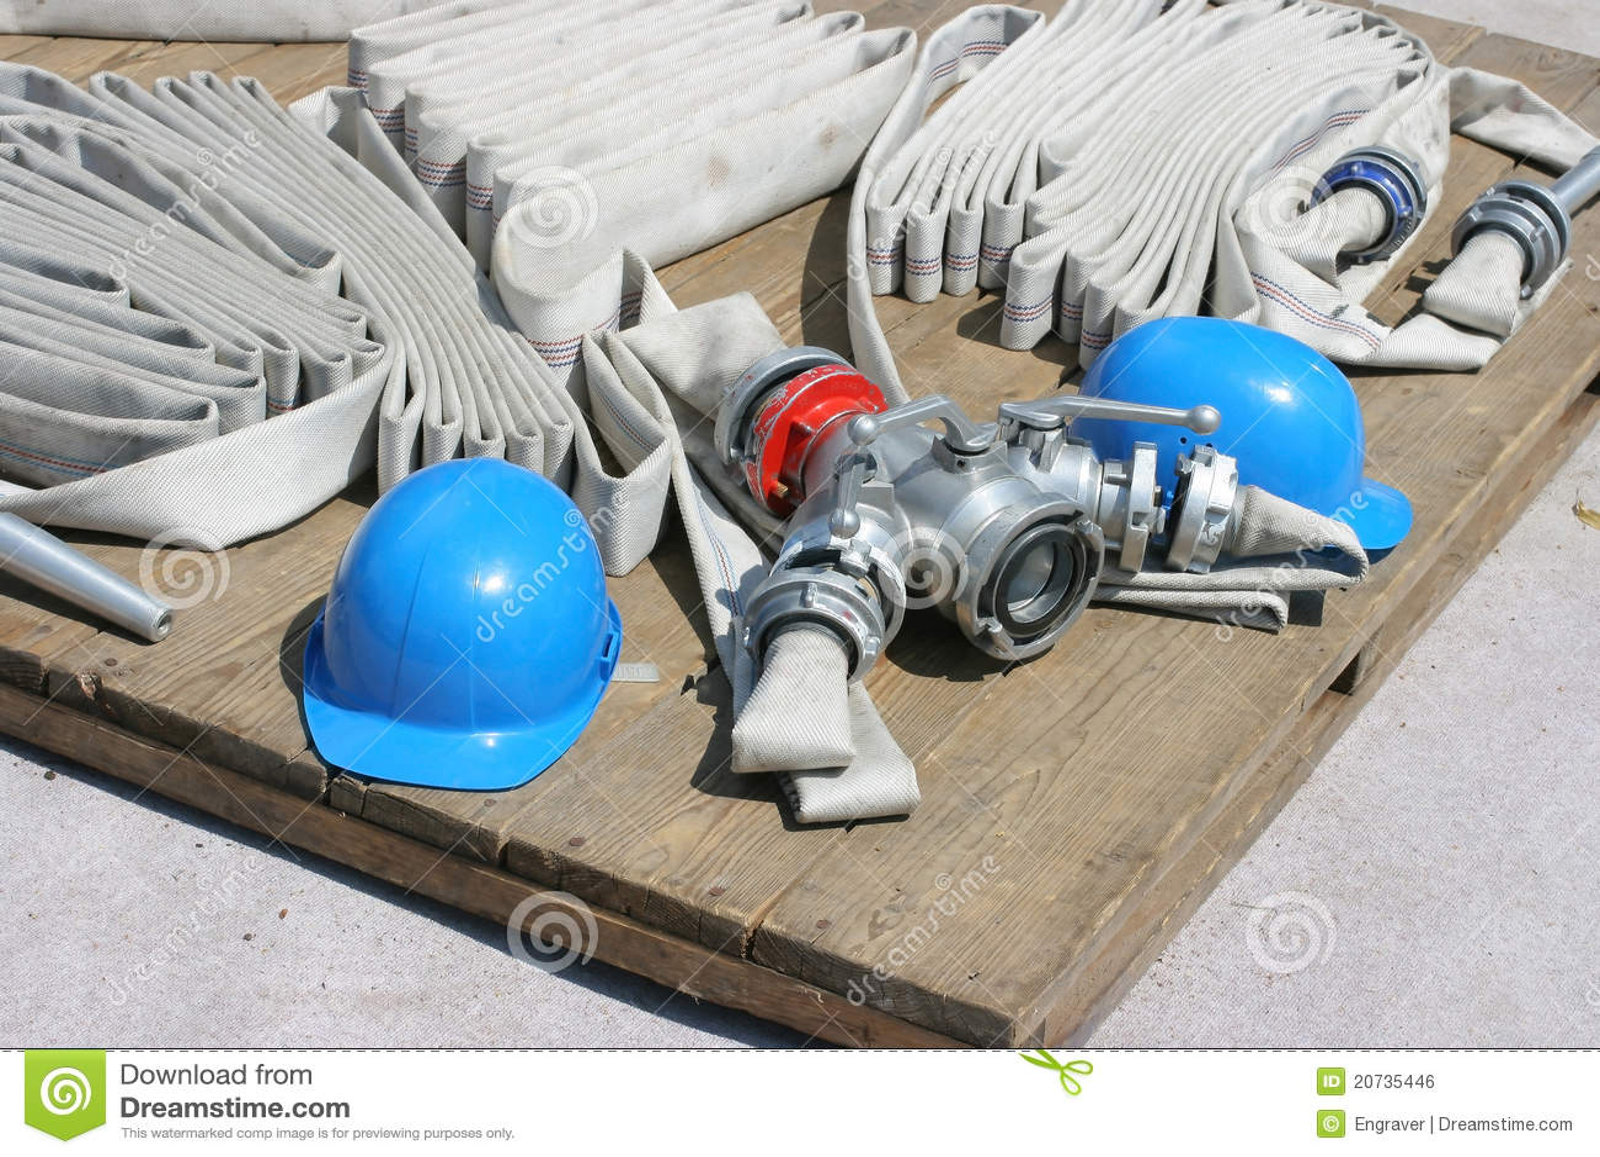 Manichette antincendio fotografia stock immagine di for Manichette per irrigazione prezzi